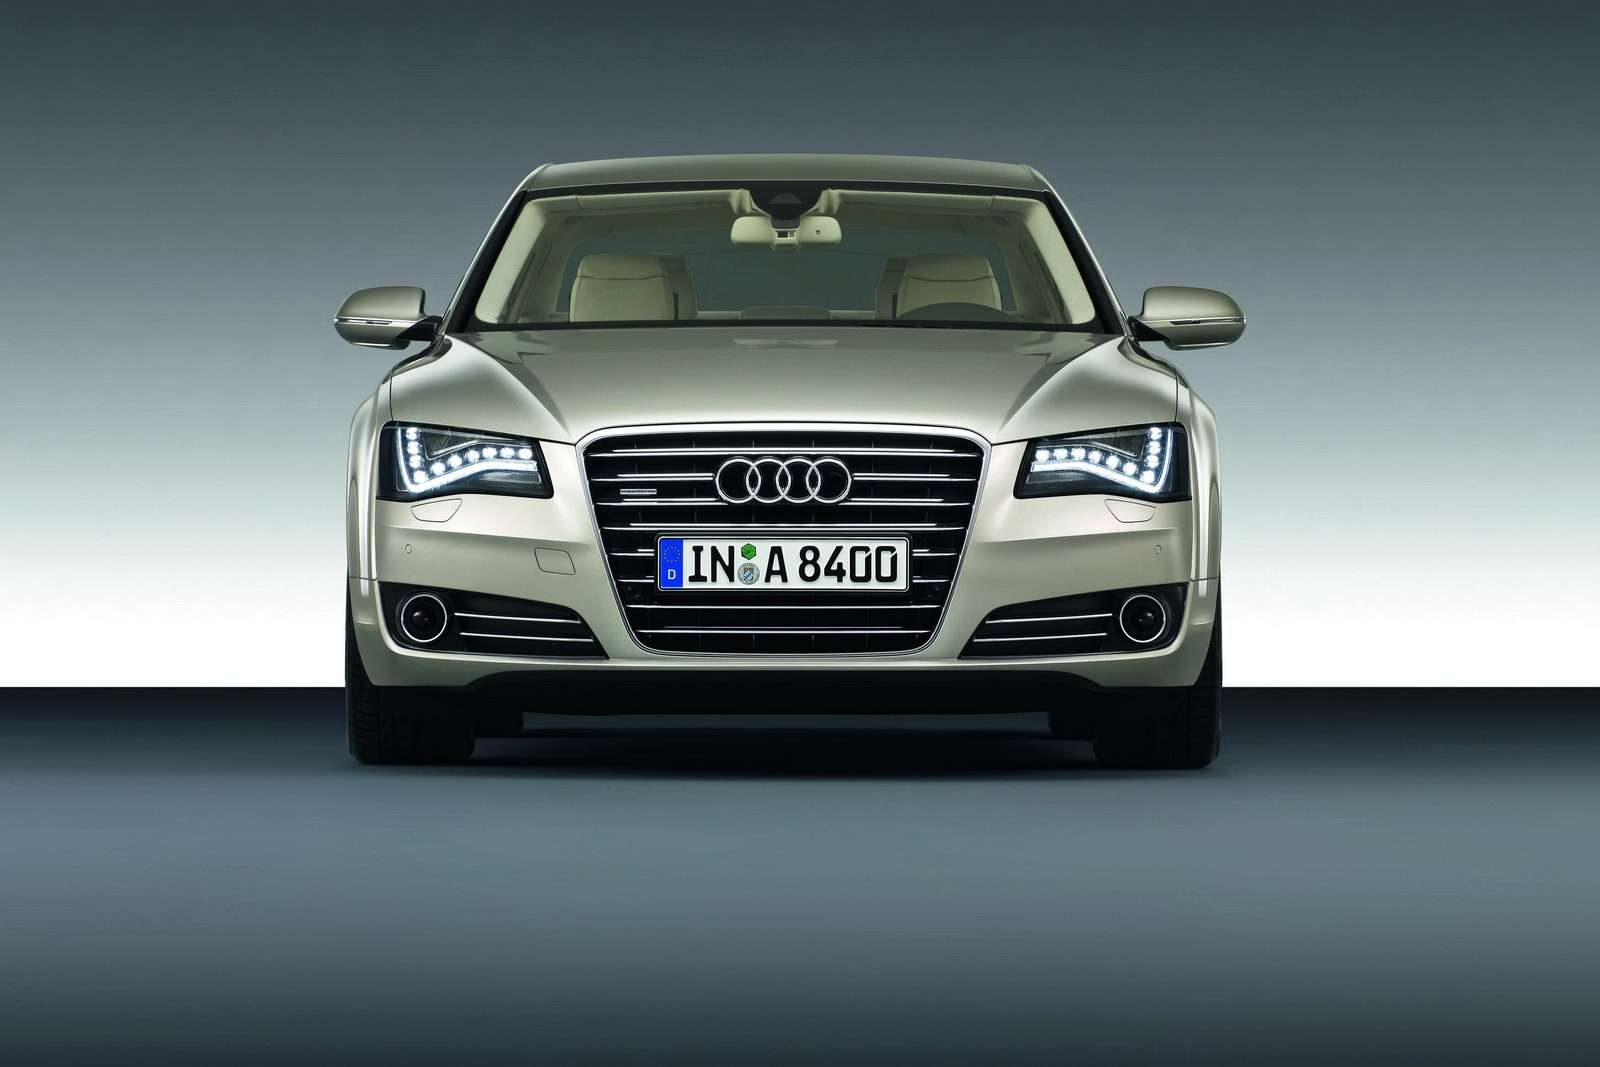 Audi A8 2010 oficjalnie zdjecia 2009